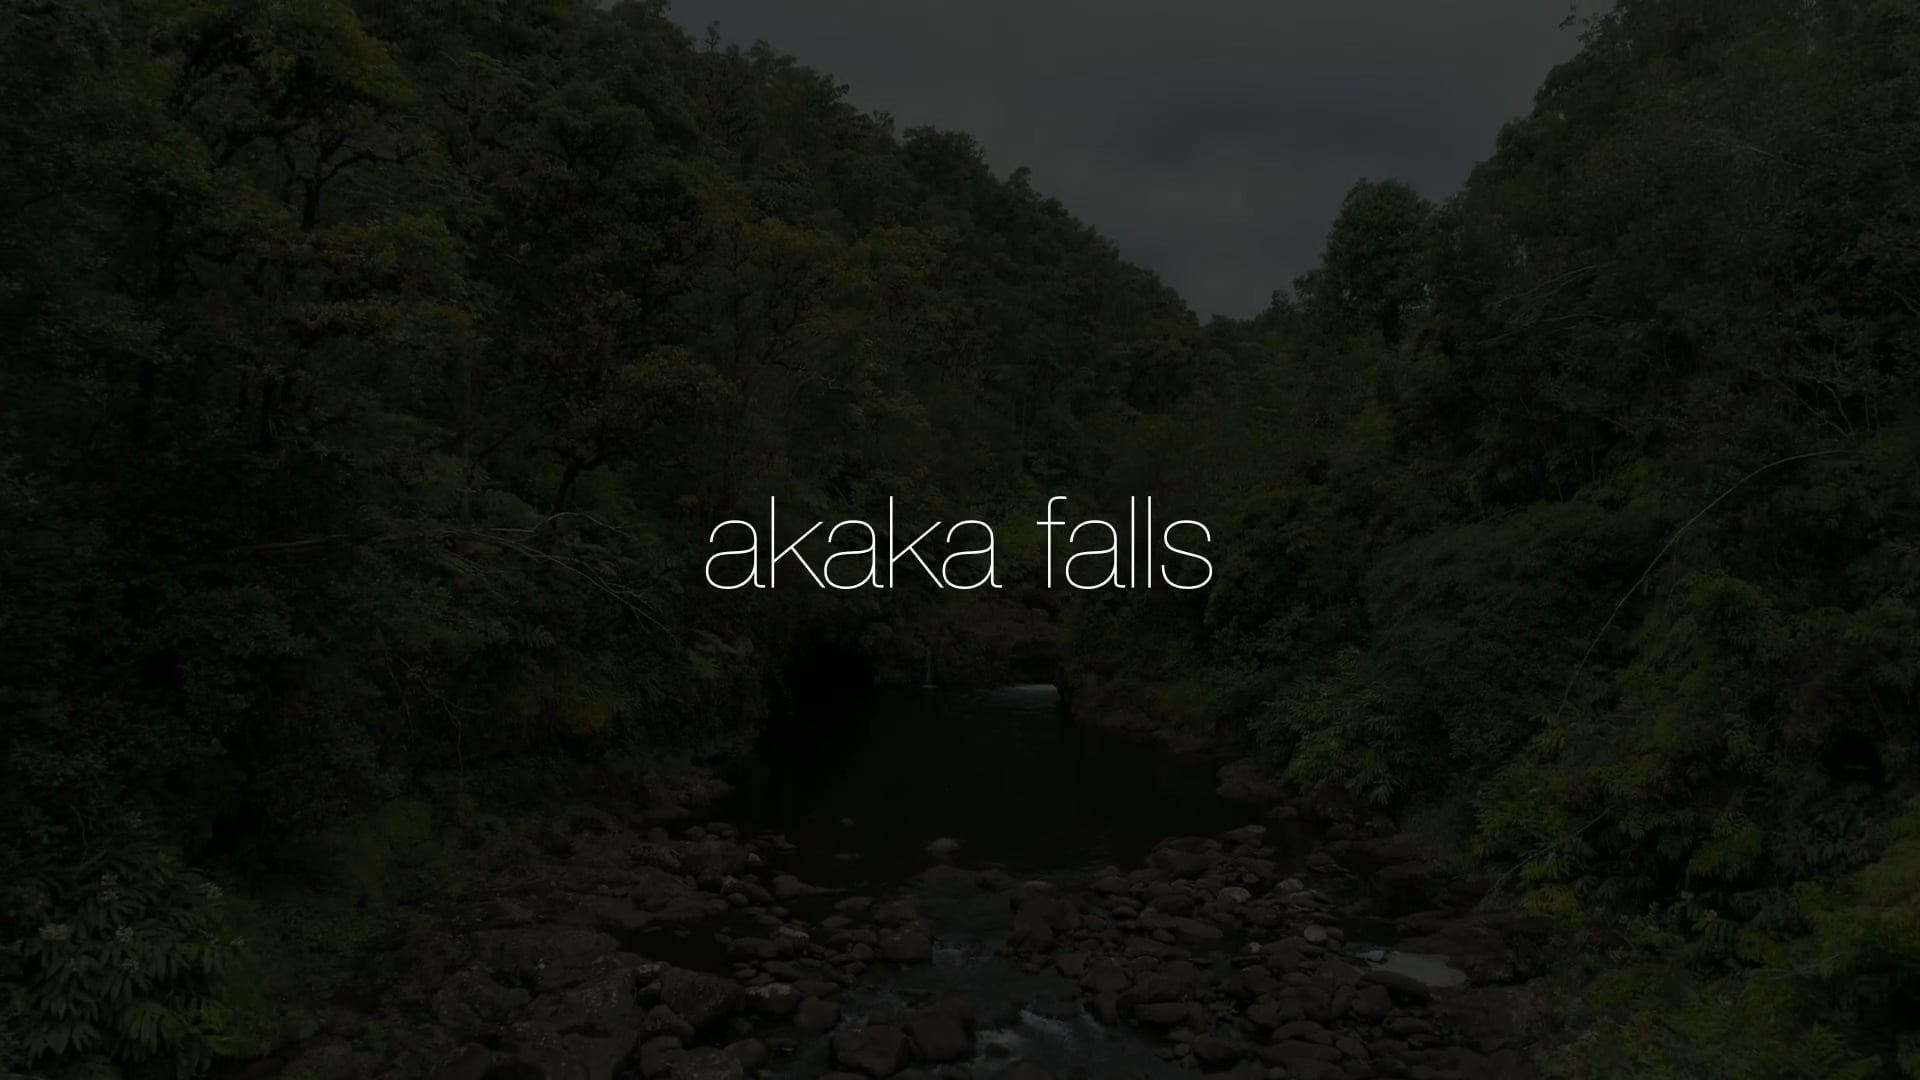 Akaka Falls With Sounds